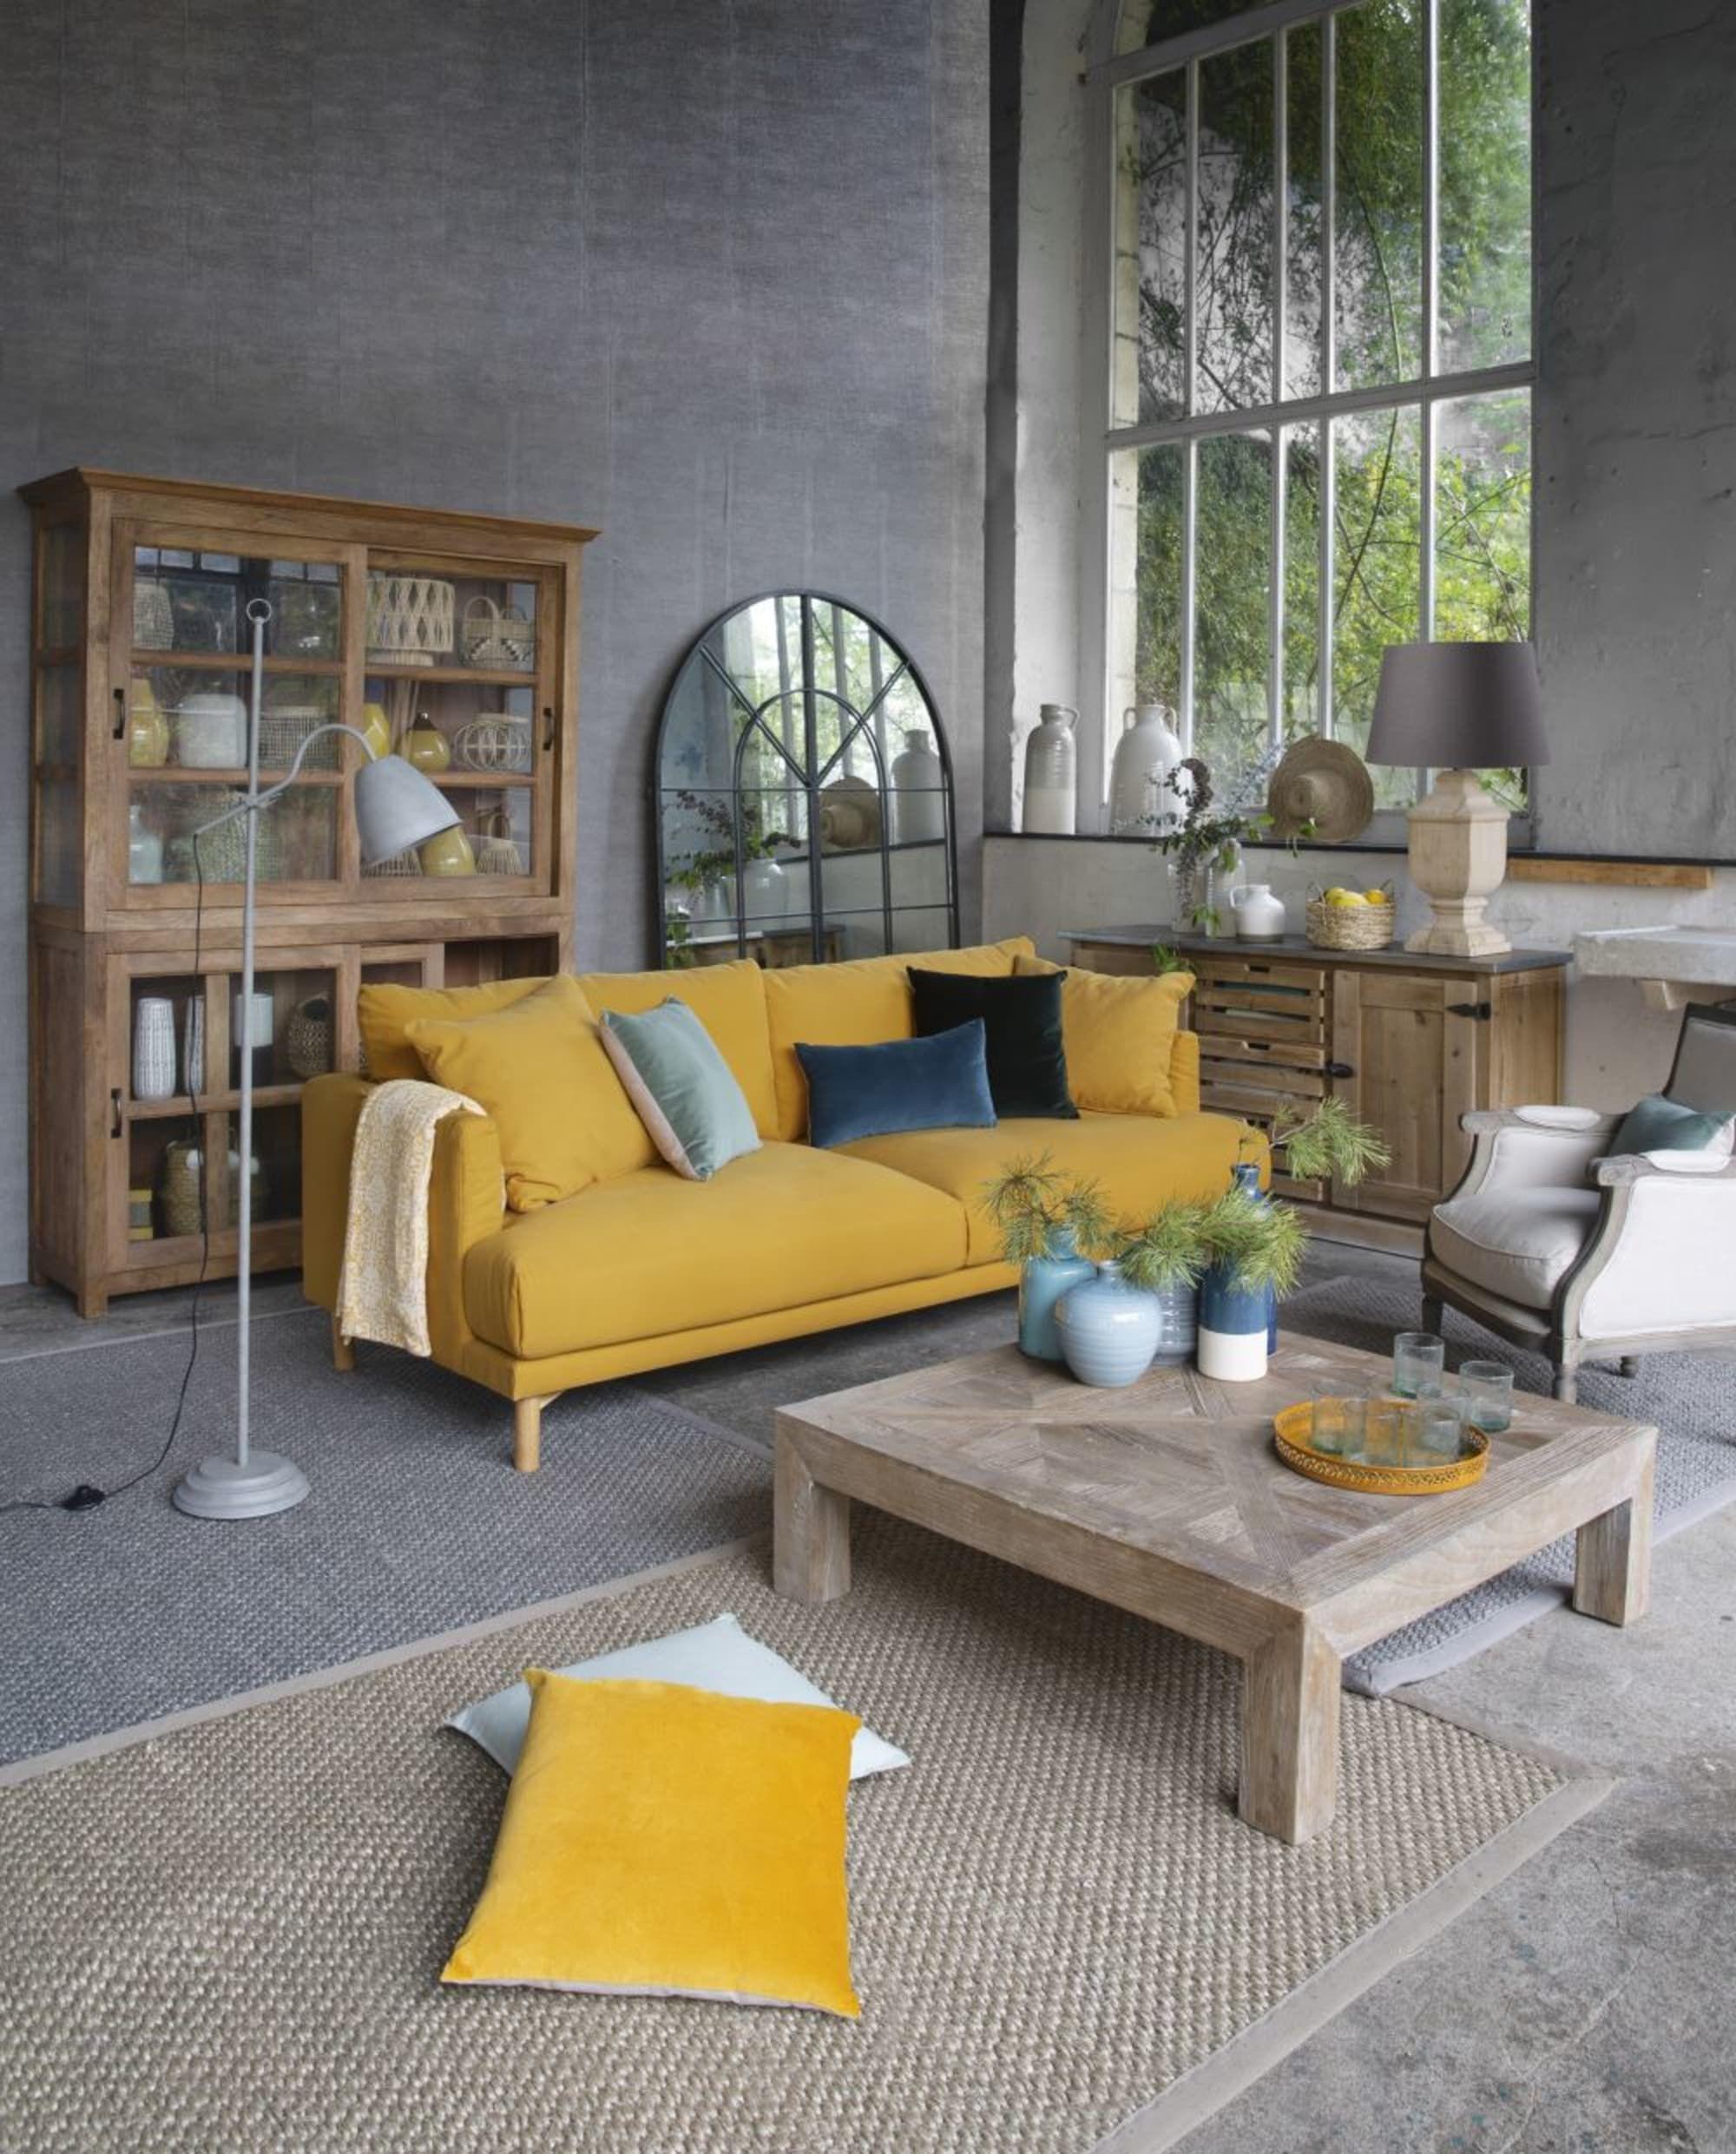 Canape 3 Places En Coton Et Lin Jaune Moutarde Raoul Maisons Du Monde Deco Salon Cocooning Mobilier De Salon Deco Maison